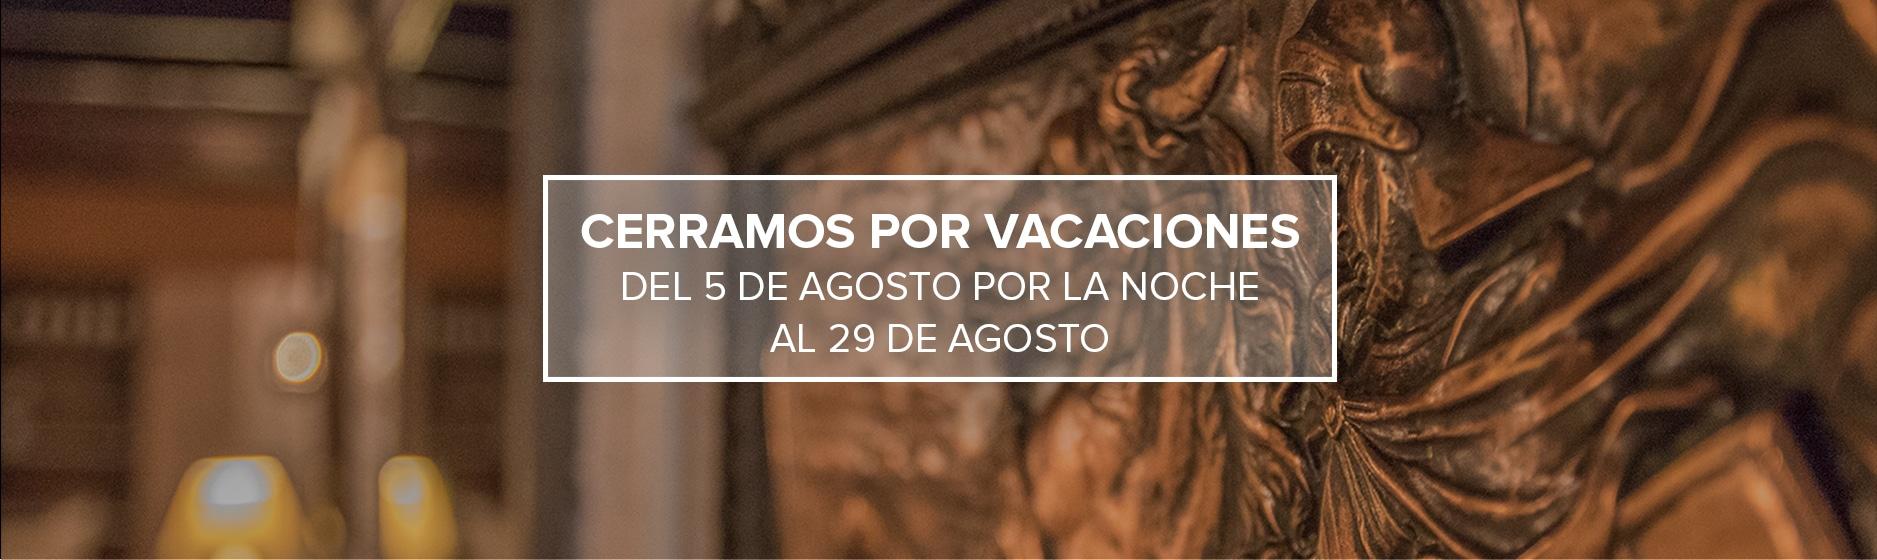 CasaJordi Vacaciones slide_esp